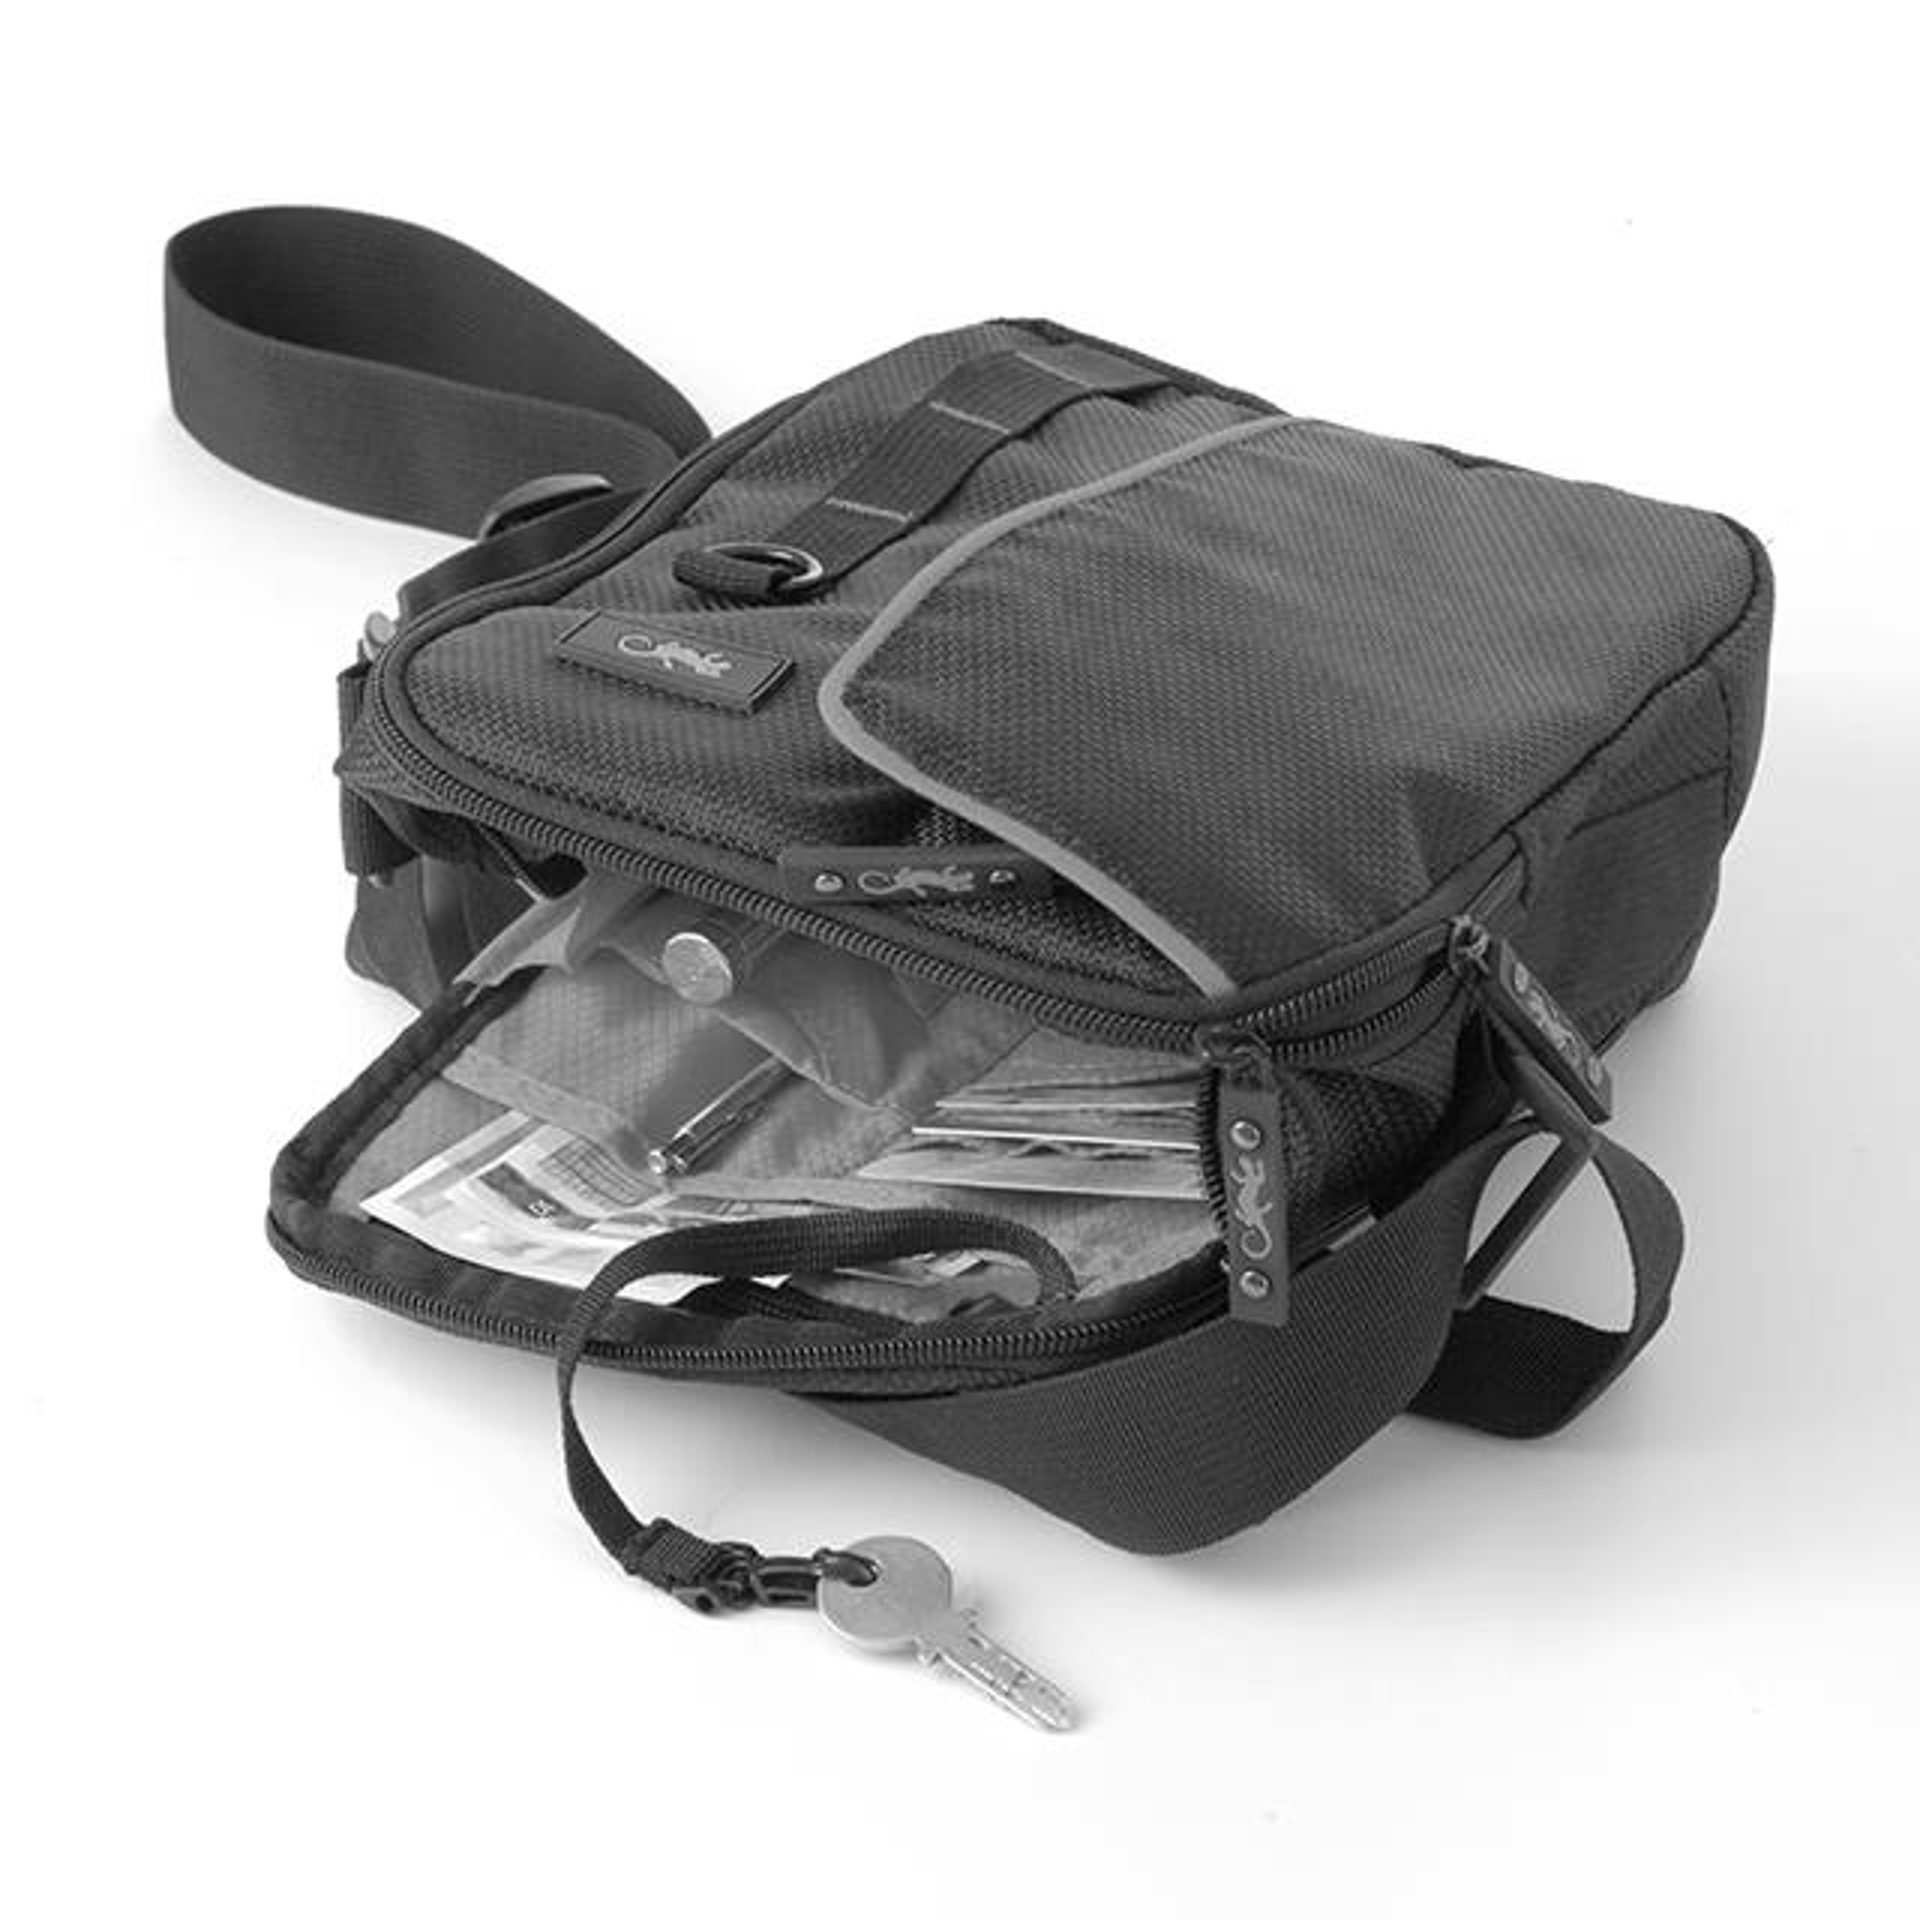 Travel Bag Kompakt